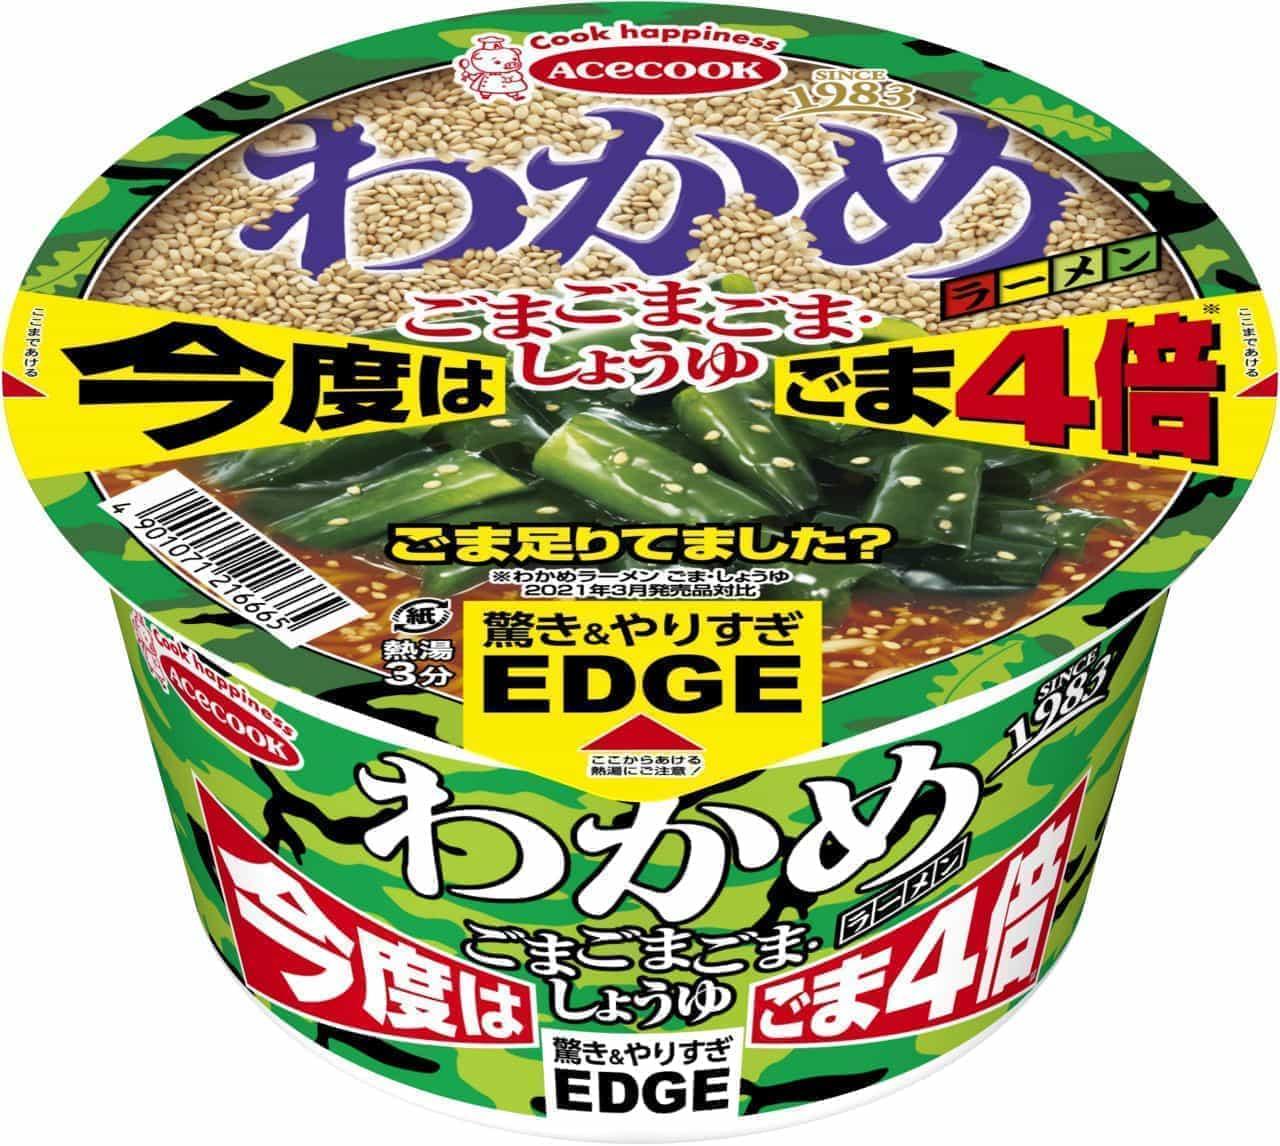 エースコック「EDGE×わかめラーメン ごまごまごま・しょうゆ ごま4倍」